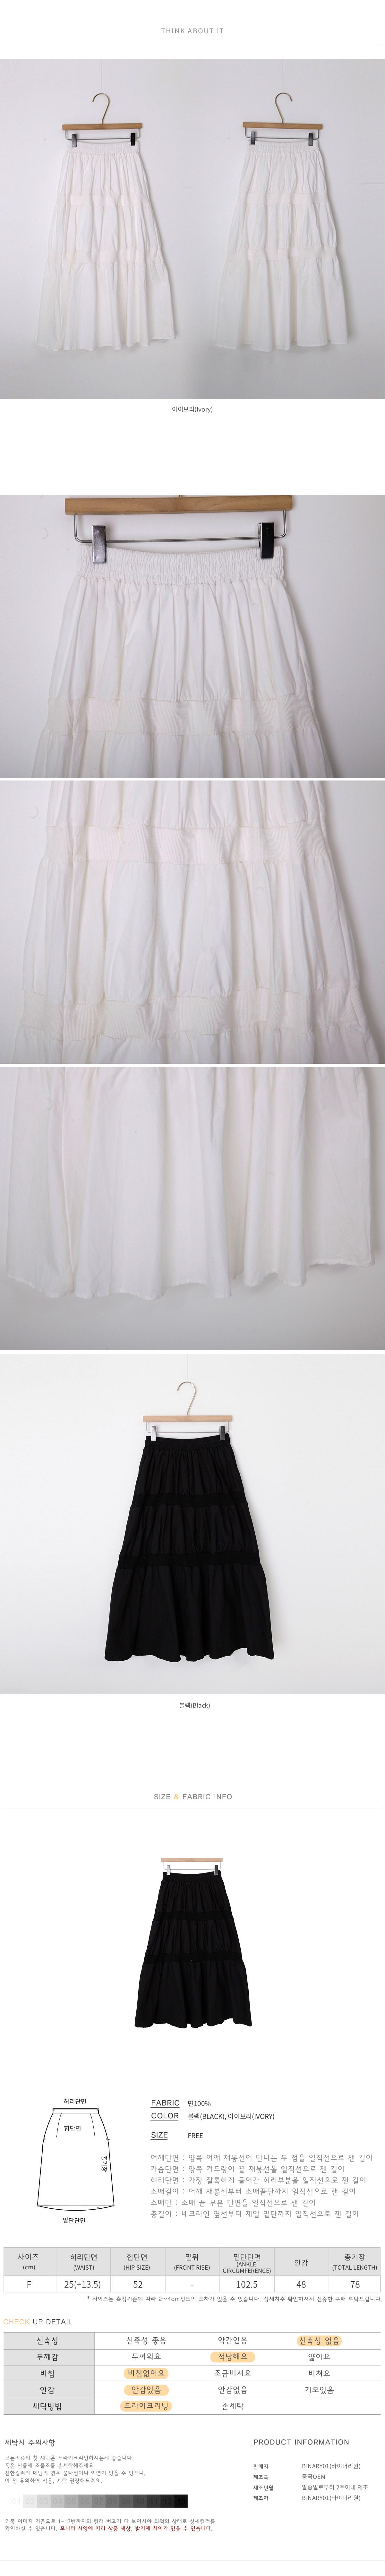 Bending Shear Shearing Skirt